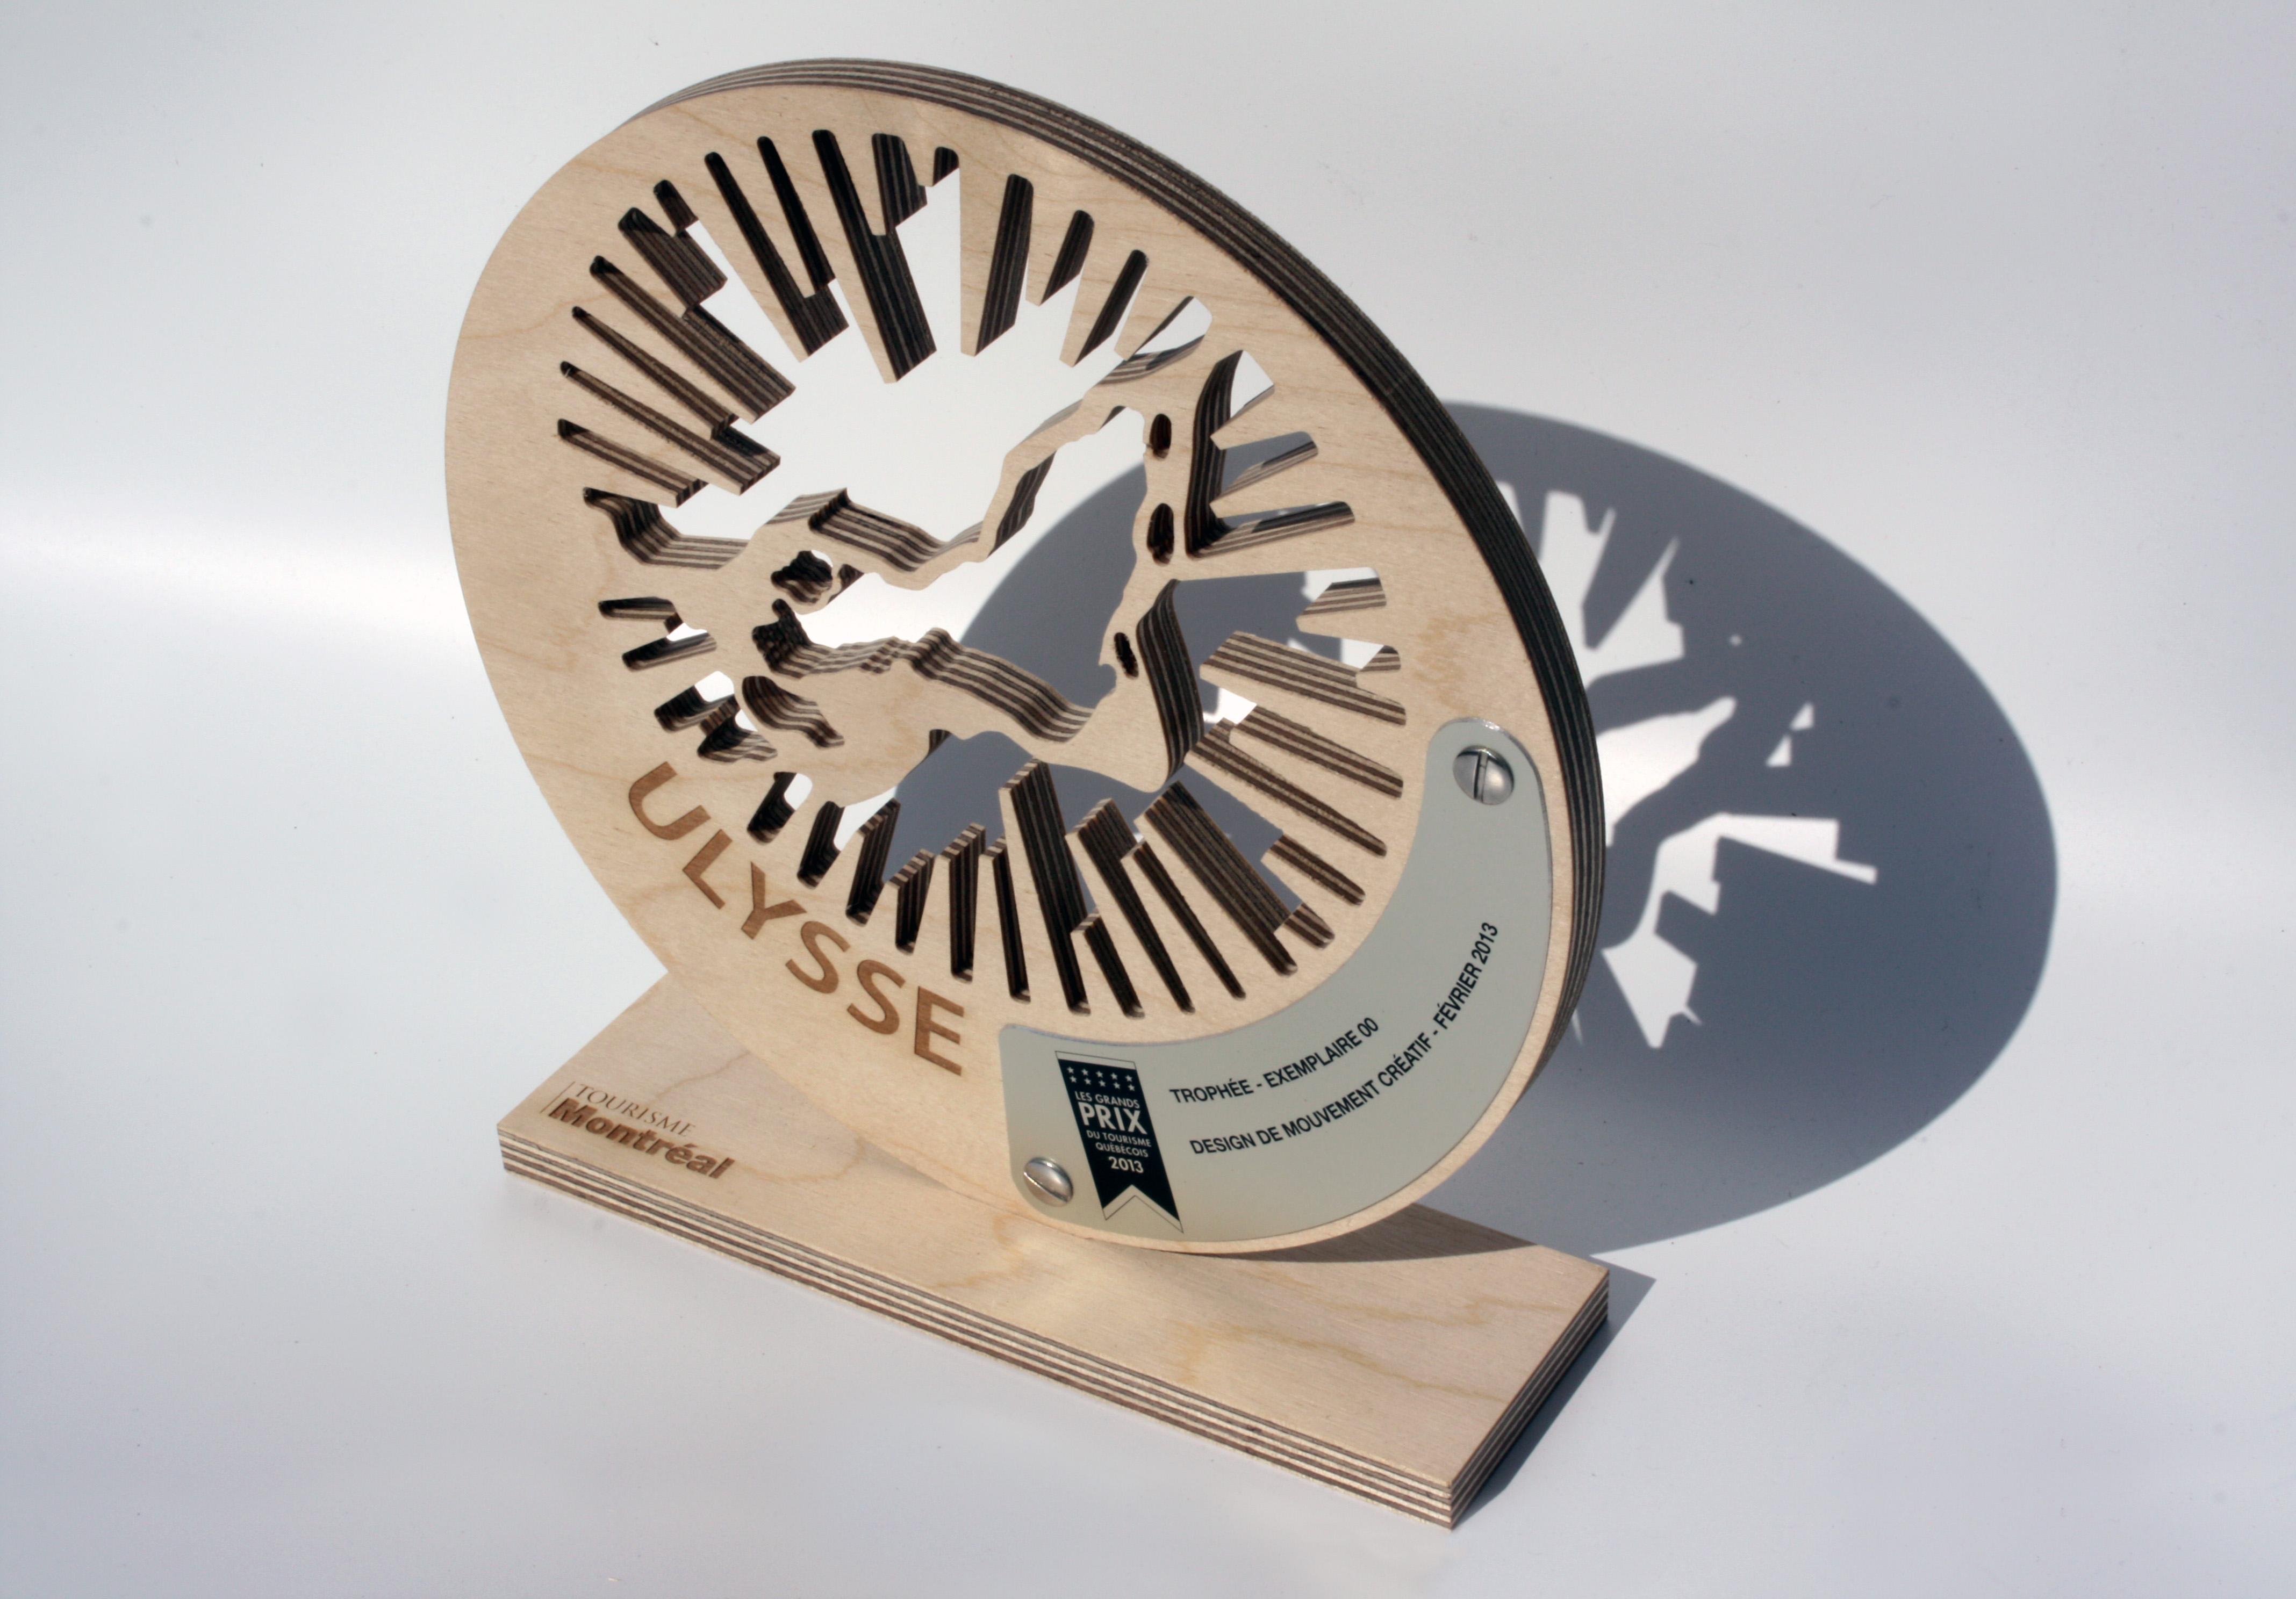 Trophée Ulysse